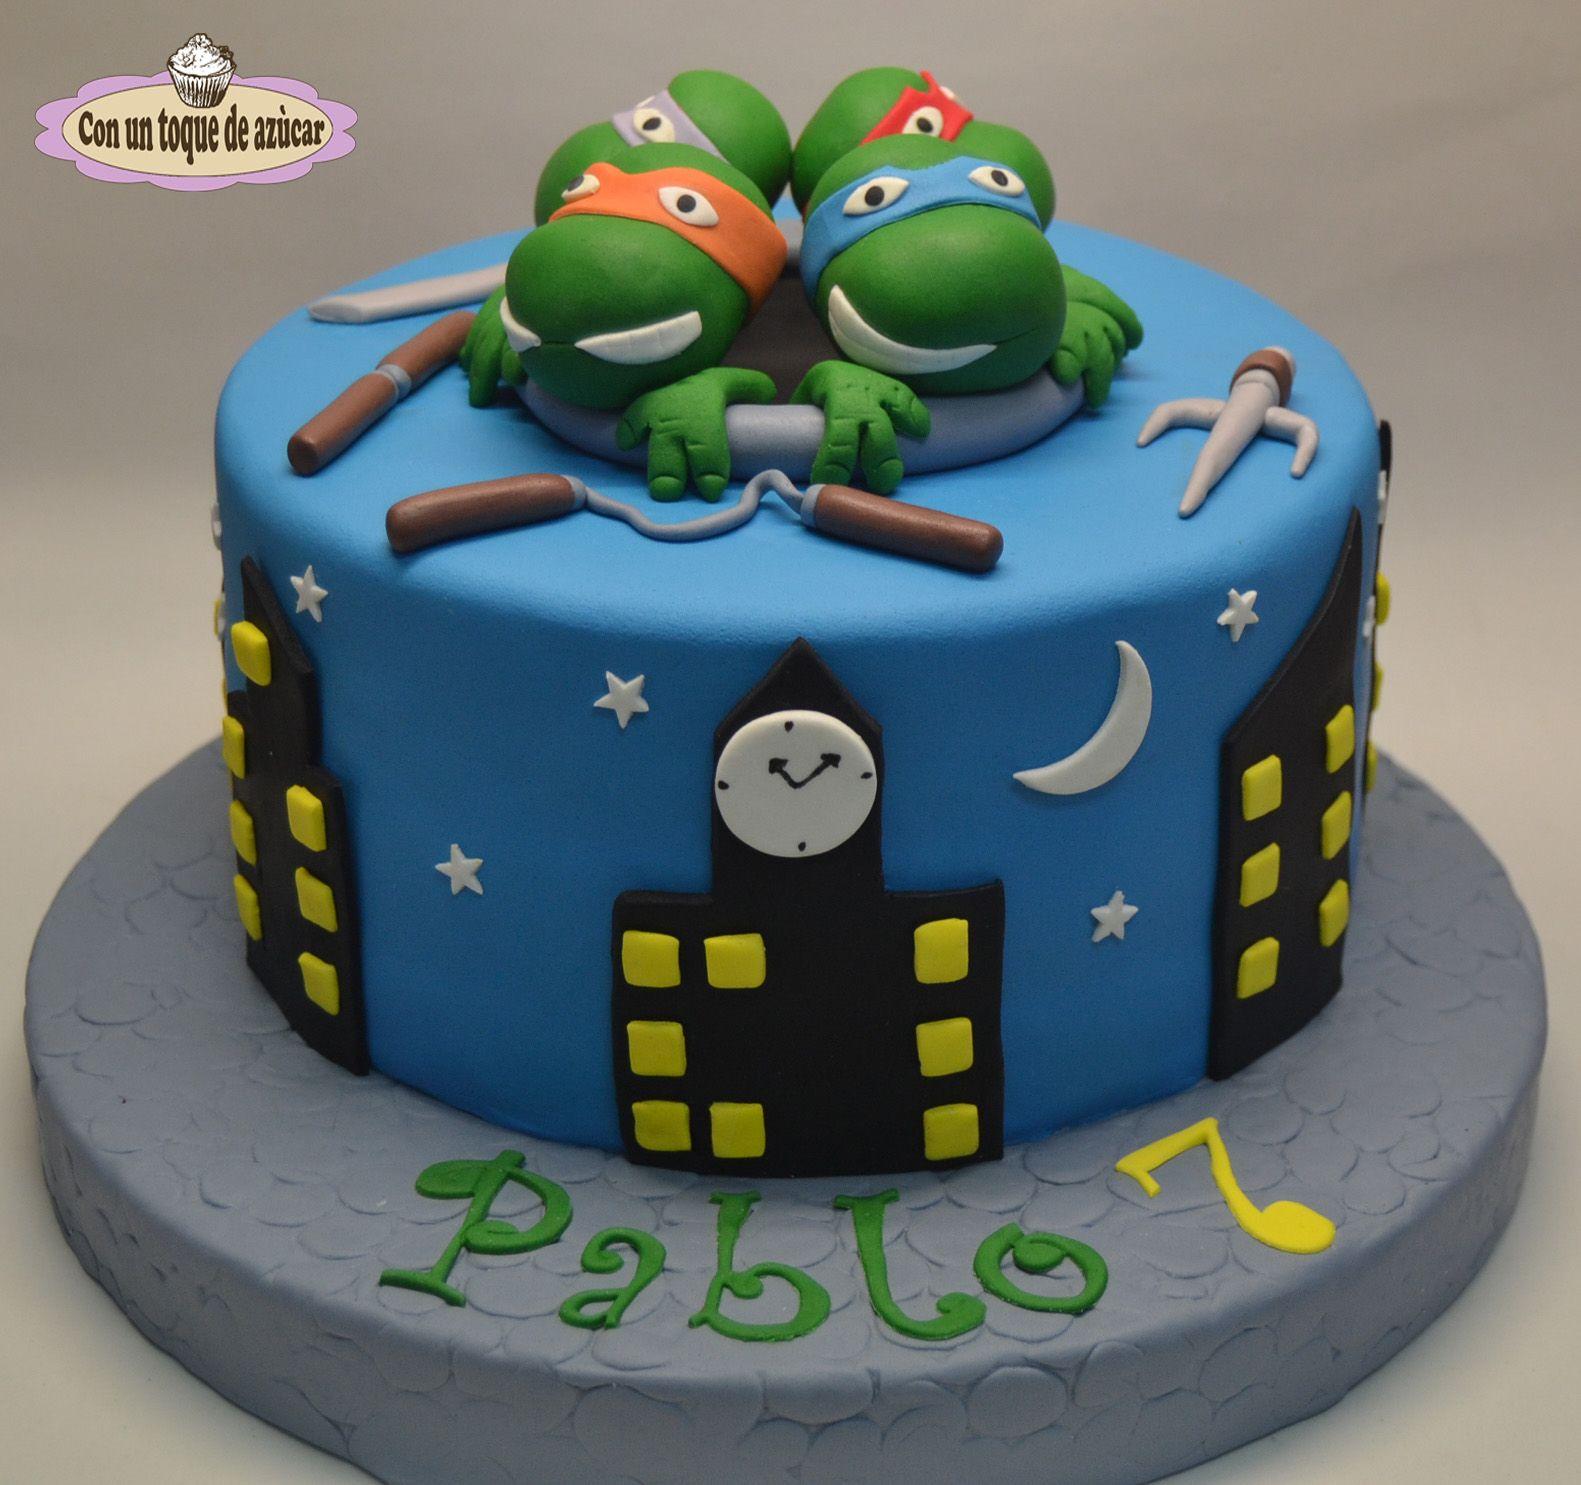 Tarta Tortugas Ninja Ninja Turtles Cake Tortugas Ninja